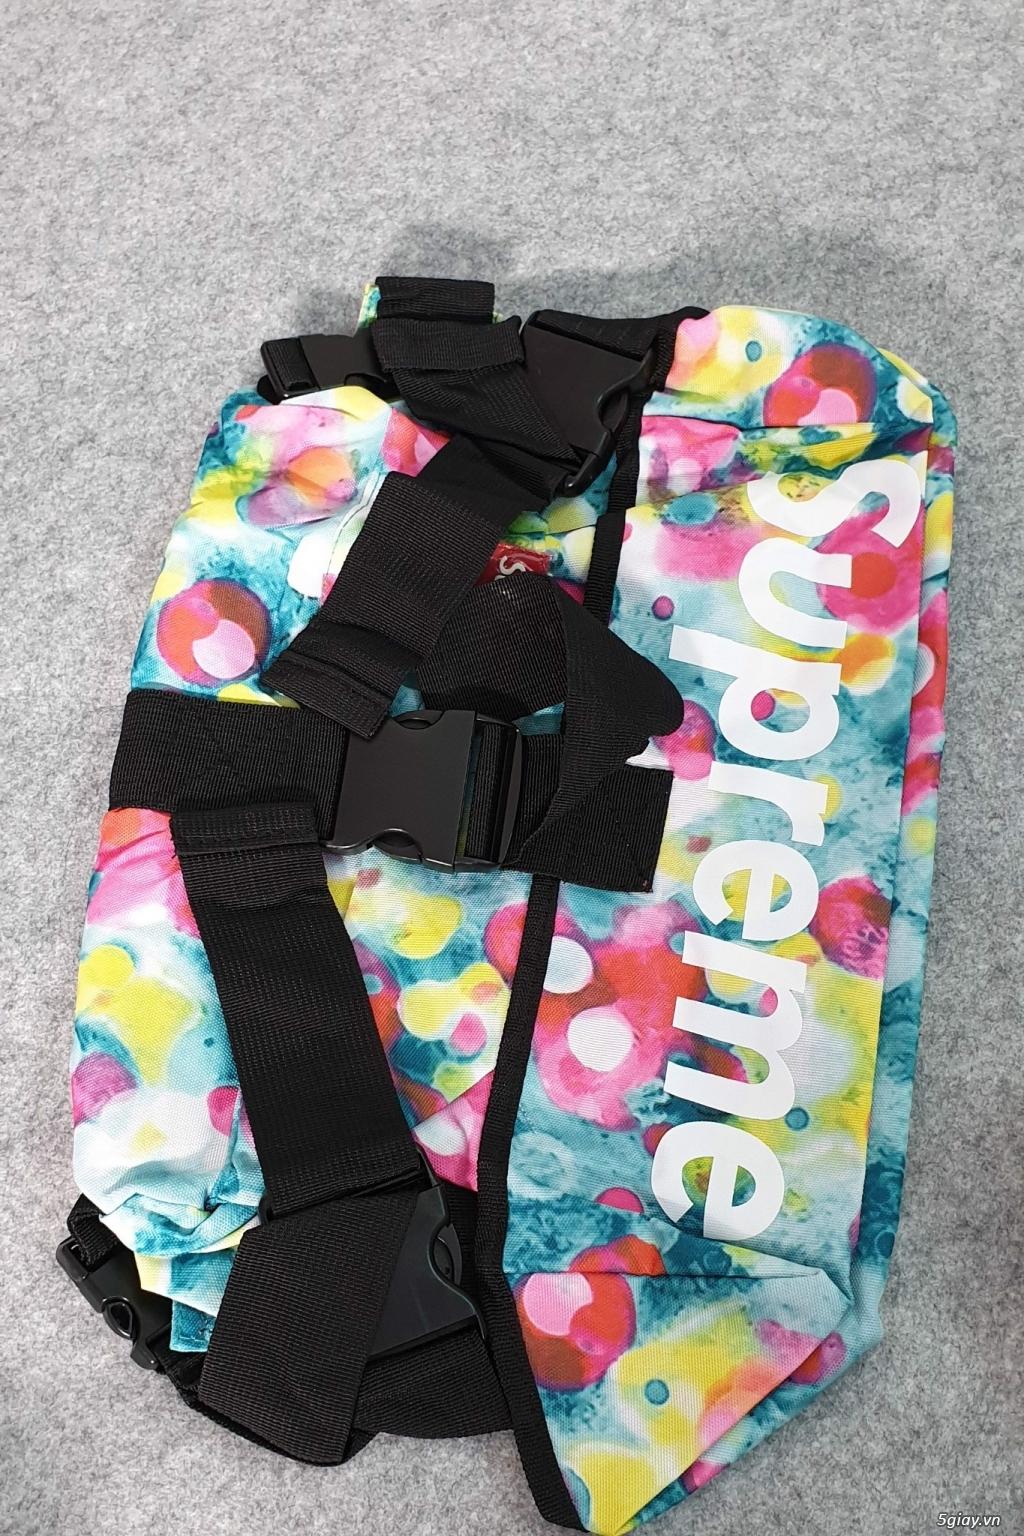 Wal House Fashion - Bóp ví túi xách thời trang - Giá ưu đãi - 1